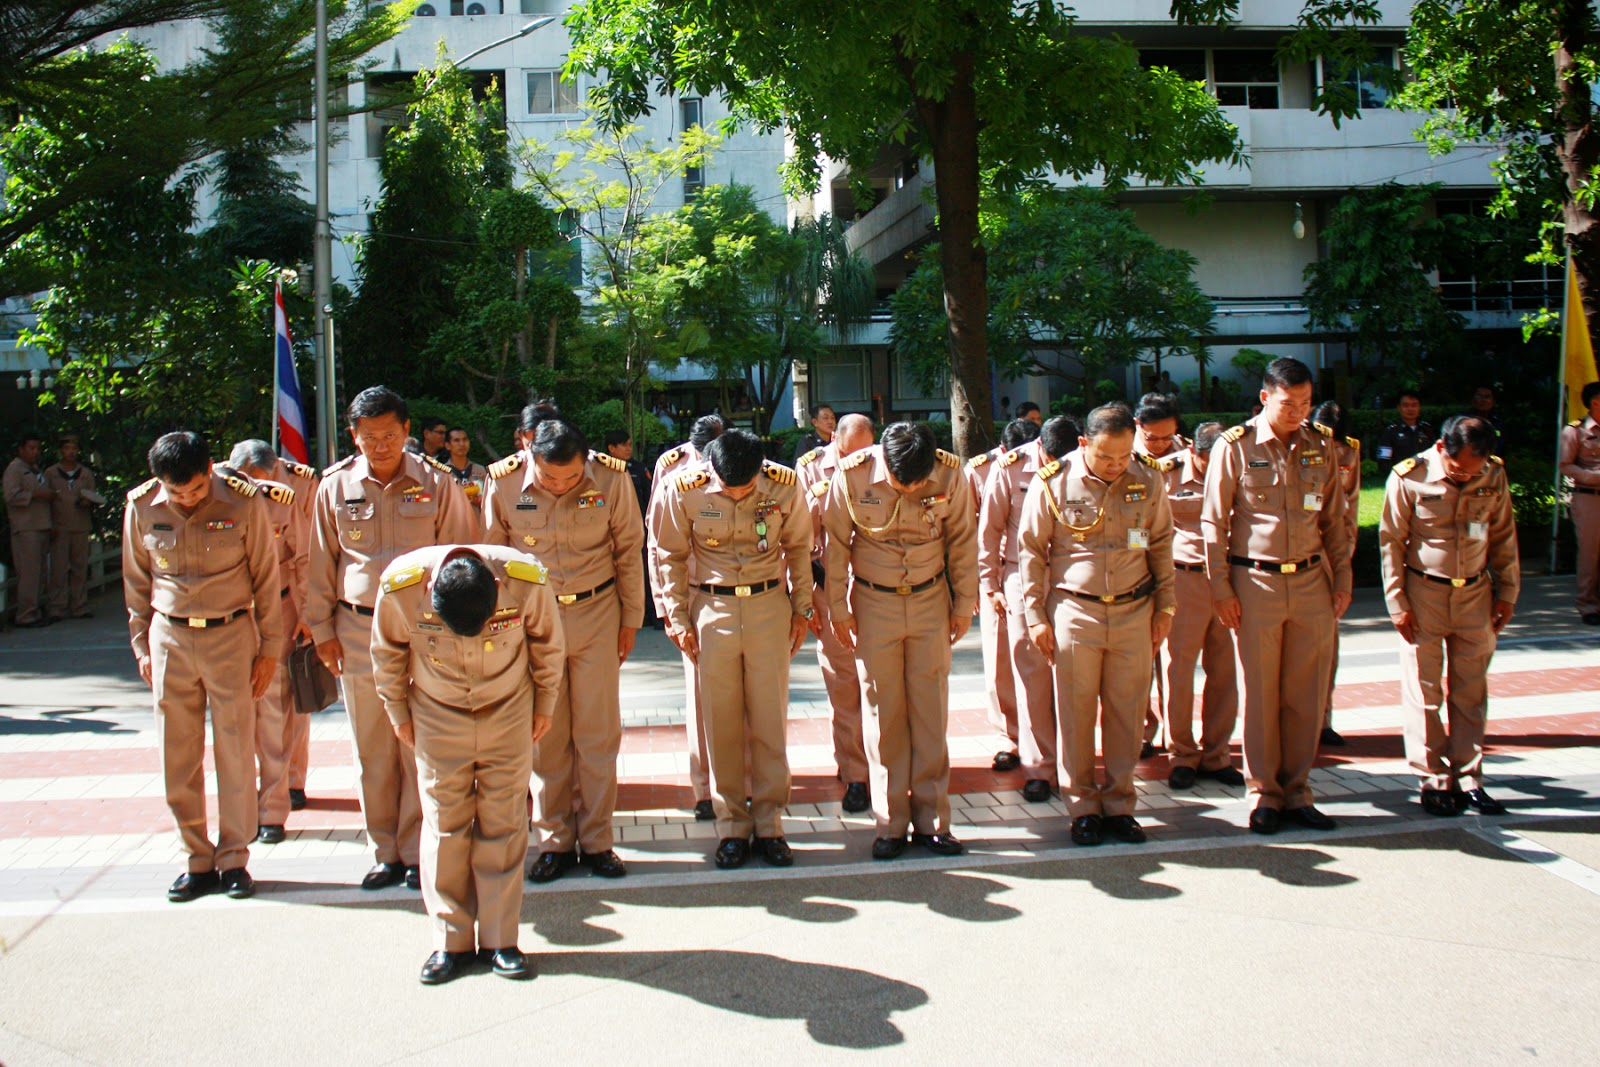 ผู้บัญชาการกองเรือลำน้ำ กองเรือยุทธการ นำข้าราชการในสังกัดลงนามถวายพระพร